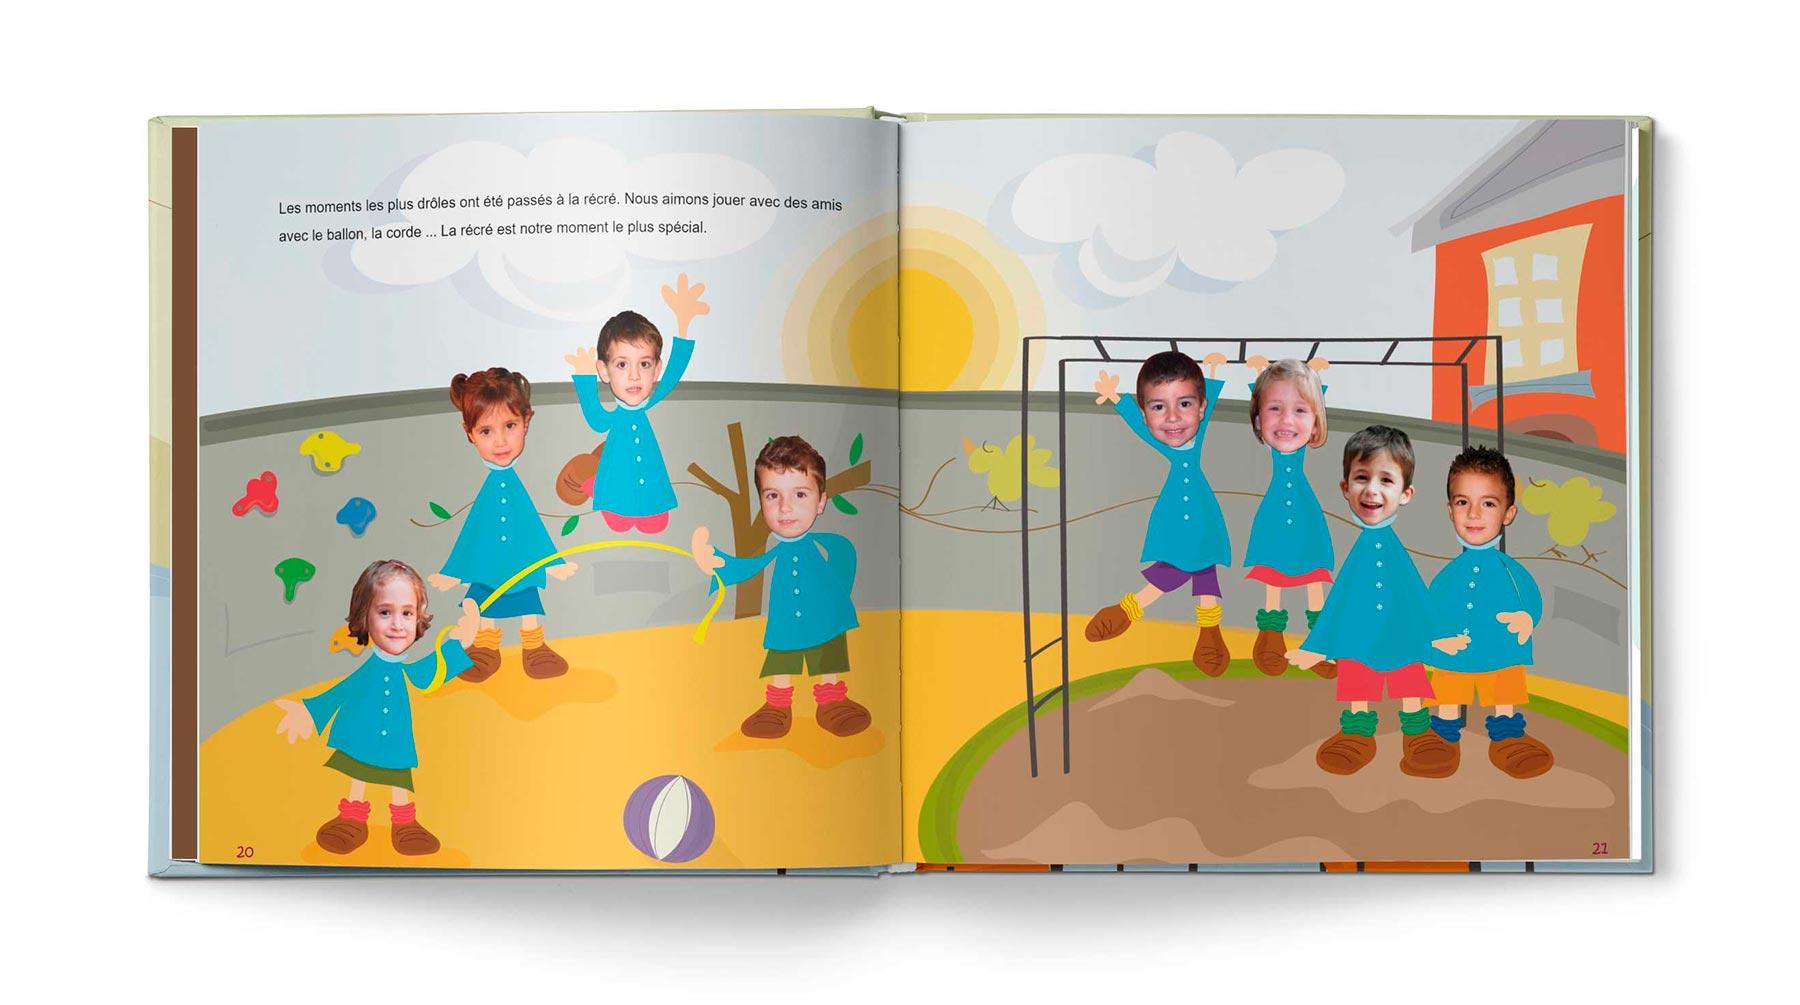 Histoire Le livre d'école - Image 10